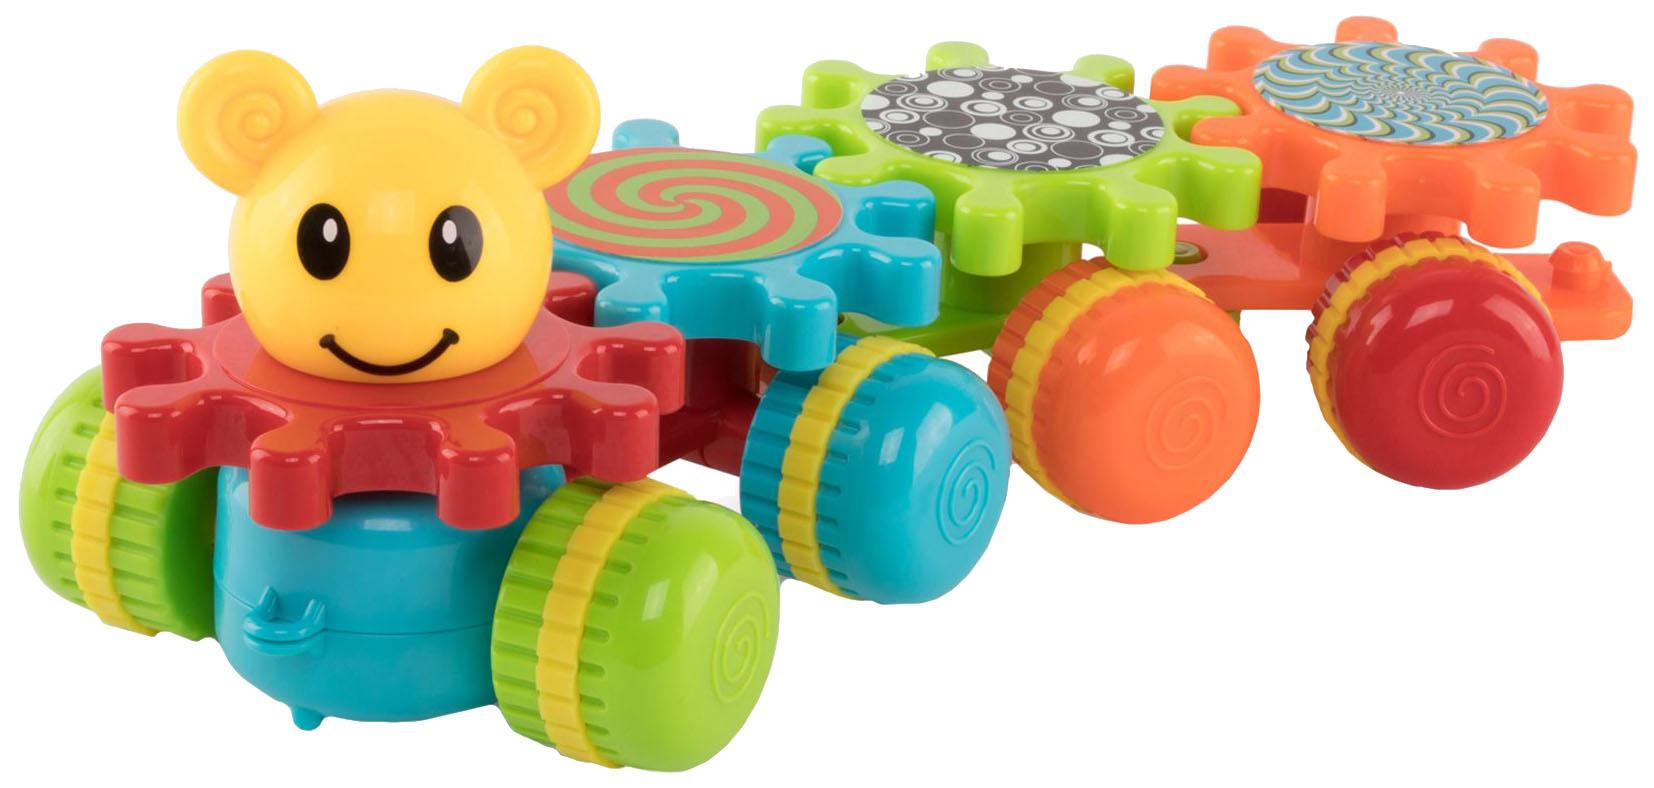 Купить Развивающая игрушка Happy baby Mechanix Train 330903, Интерактивные развивающие игрушки